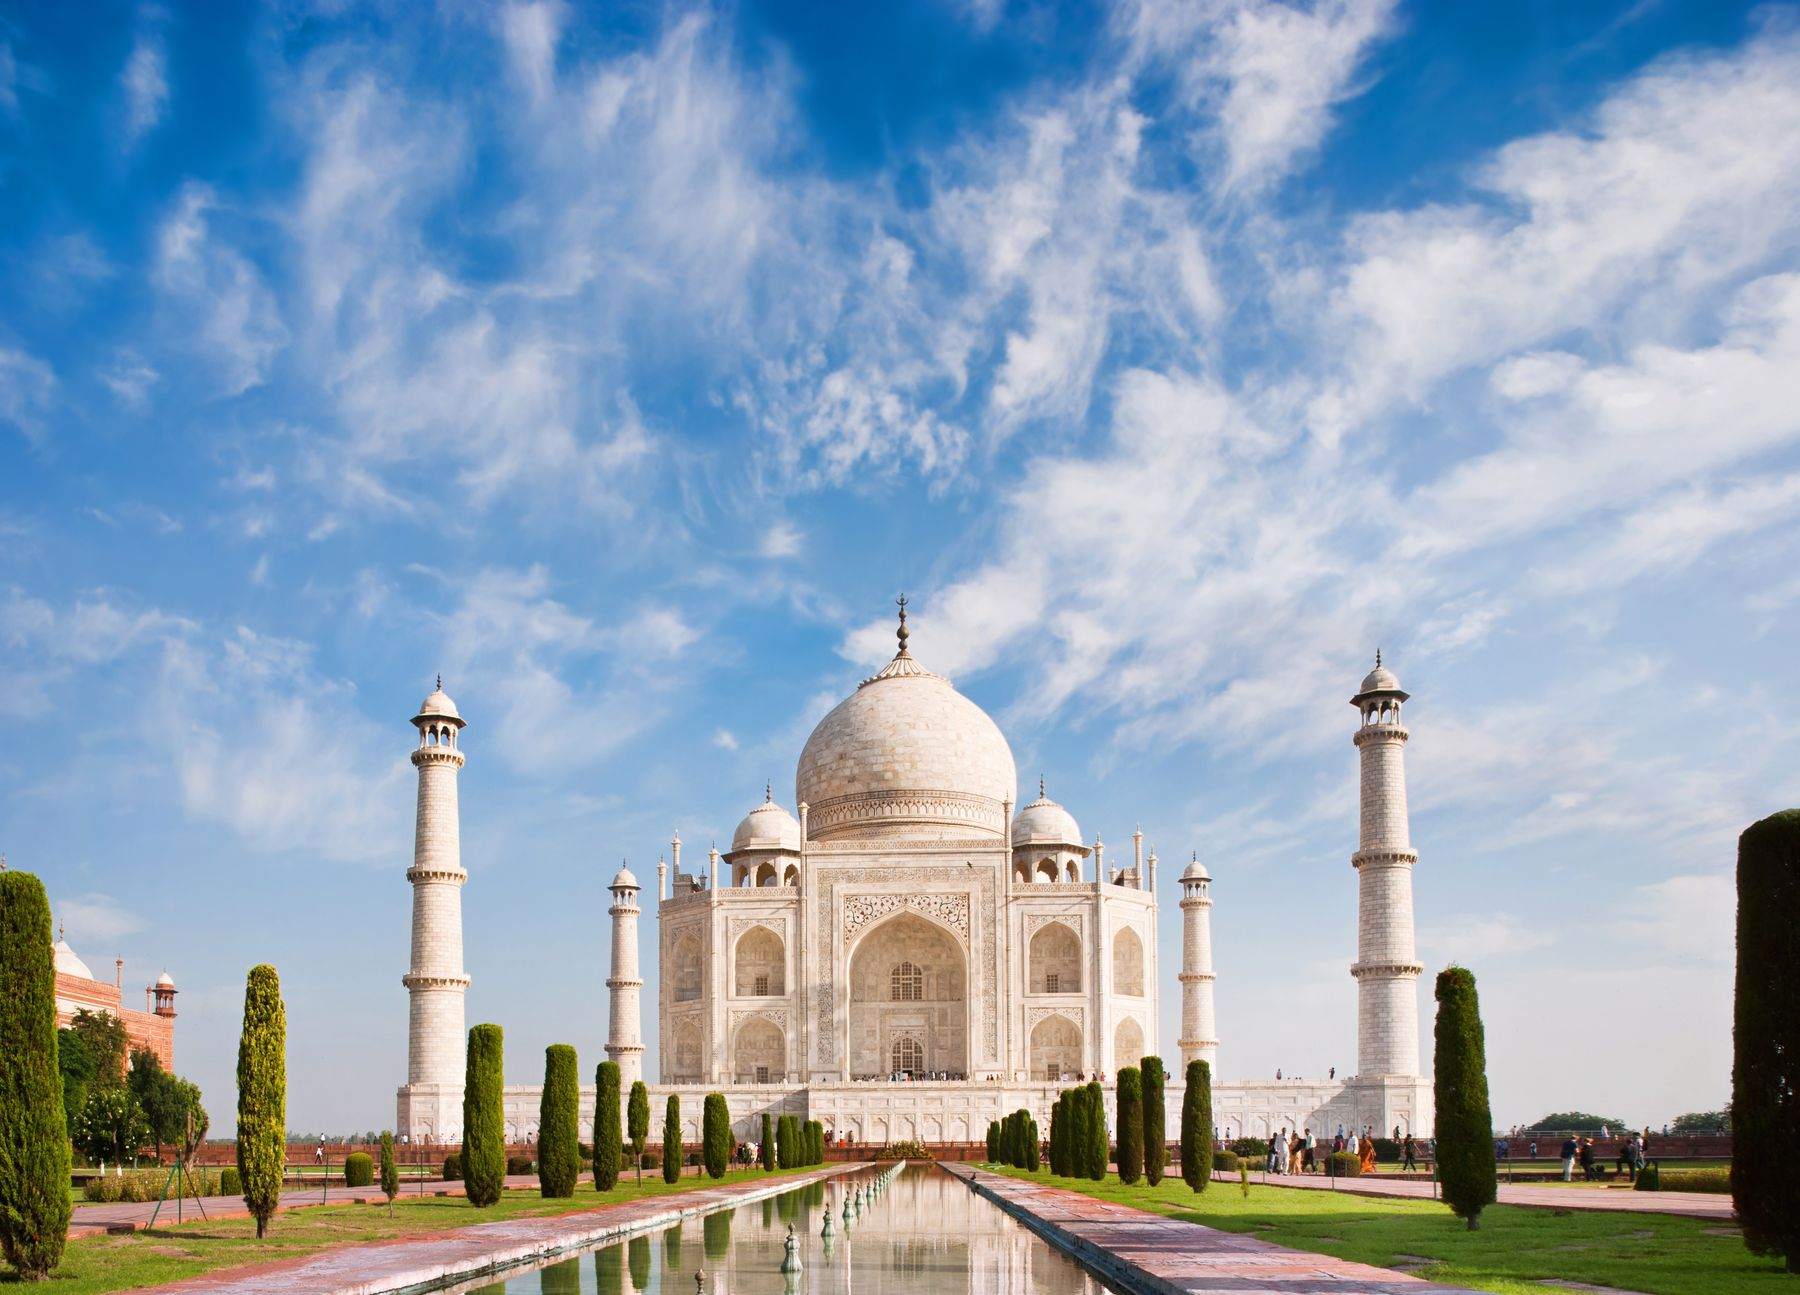 O impressionante Taj Mahal, na Índia. Uma das 7 Maravilhas do Mundo Moderno mais impressionantes.